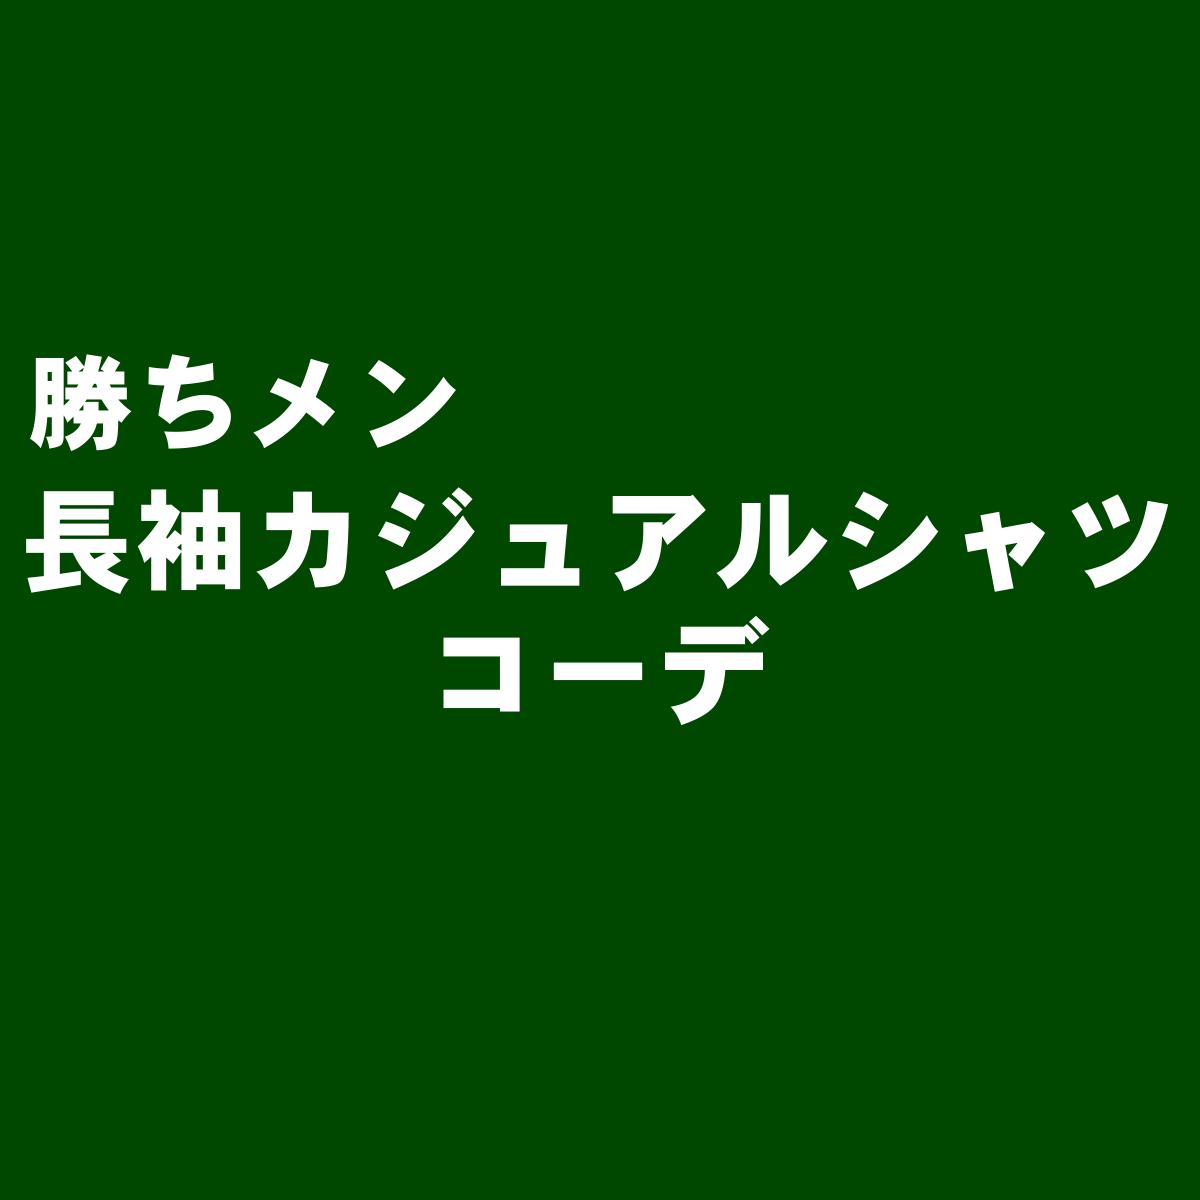 長袖カジュアルシャツコーデ